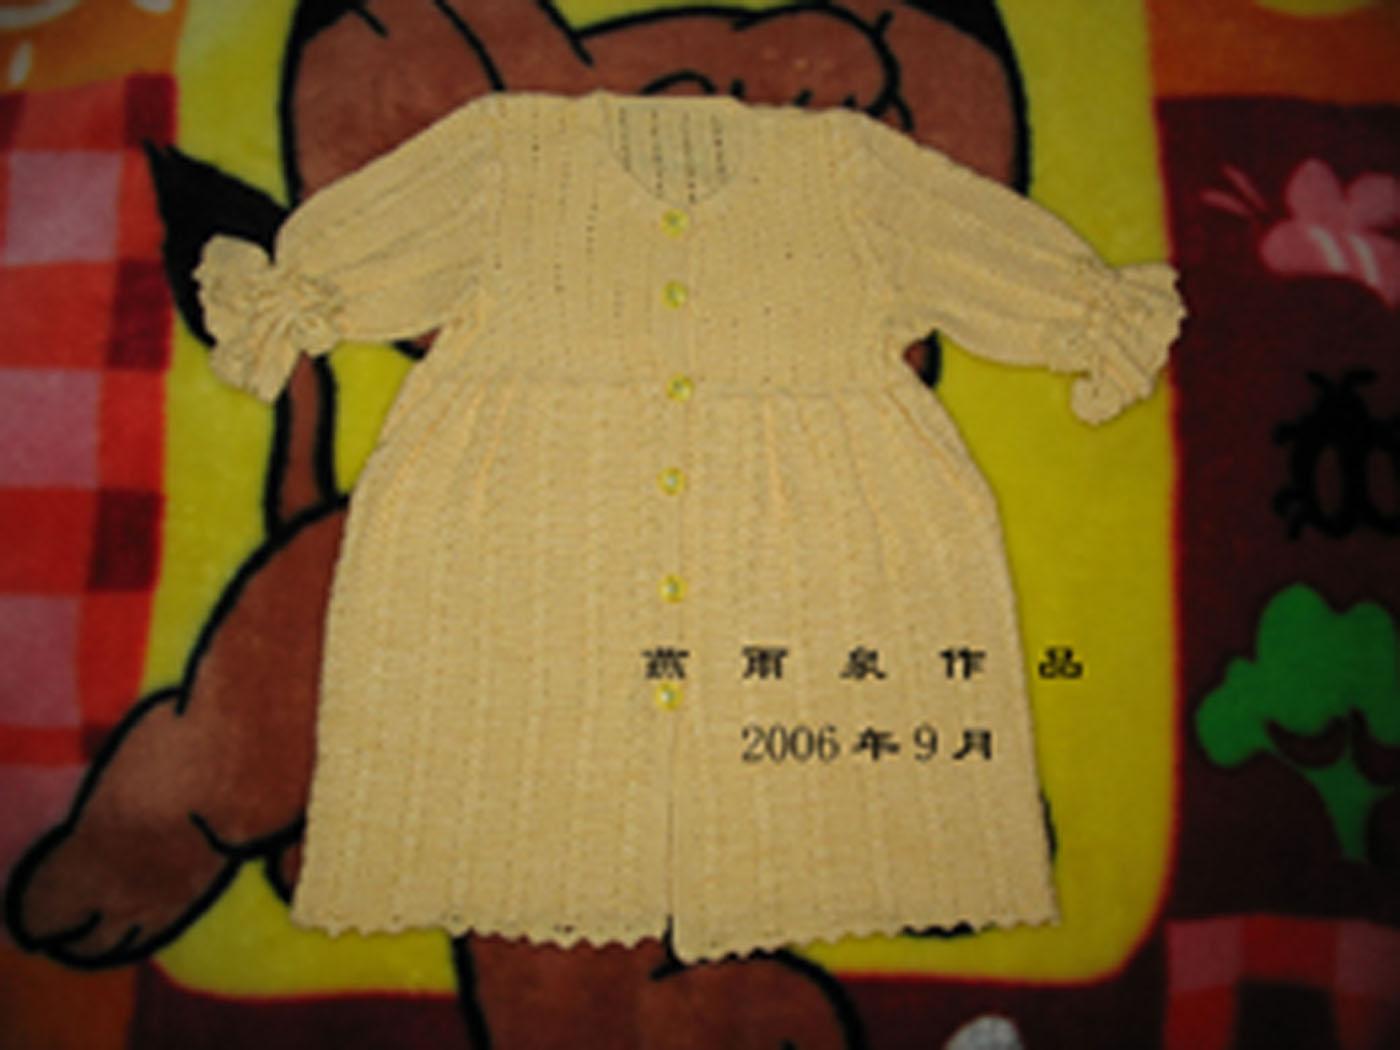 小宝宝的衣服